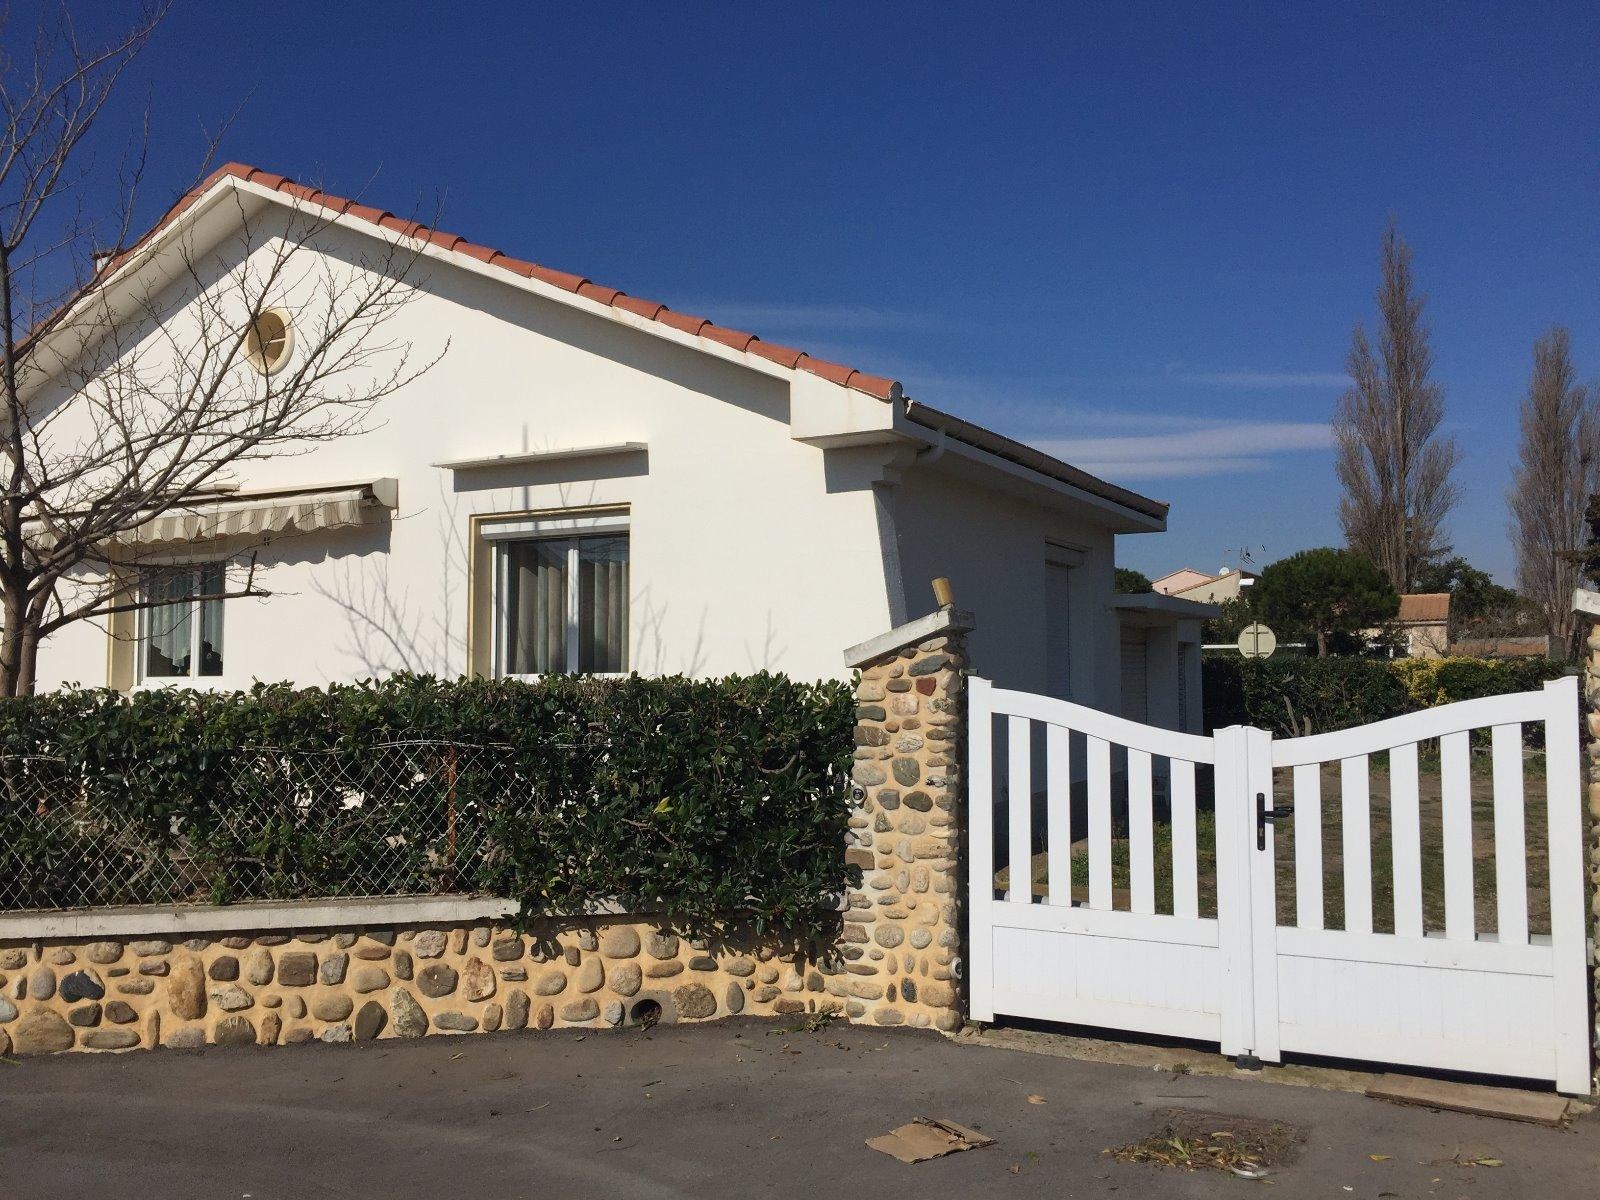 Vente maison valras plage avec agence albouy - Acheter une maison en sci pour y habiter ...